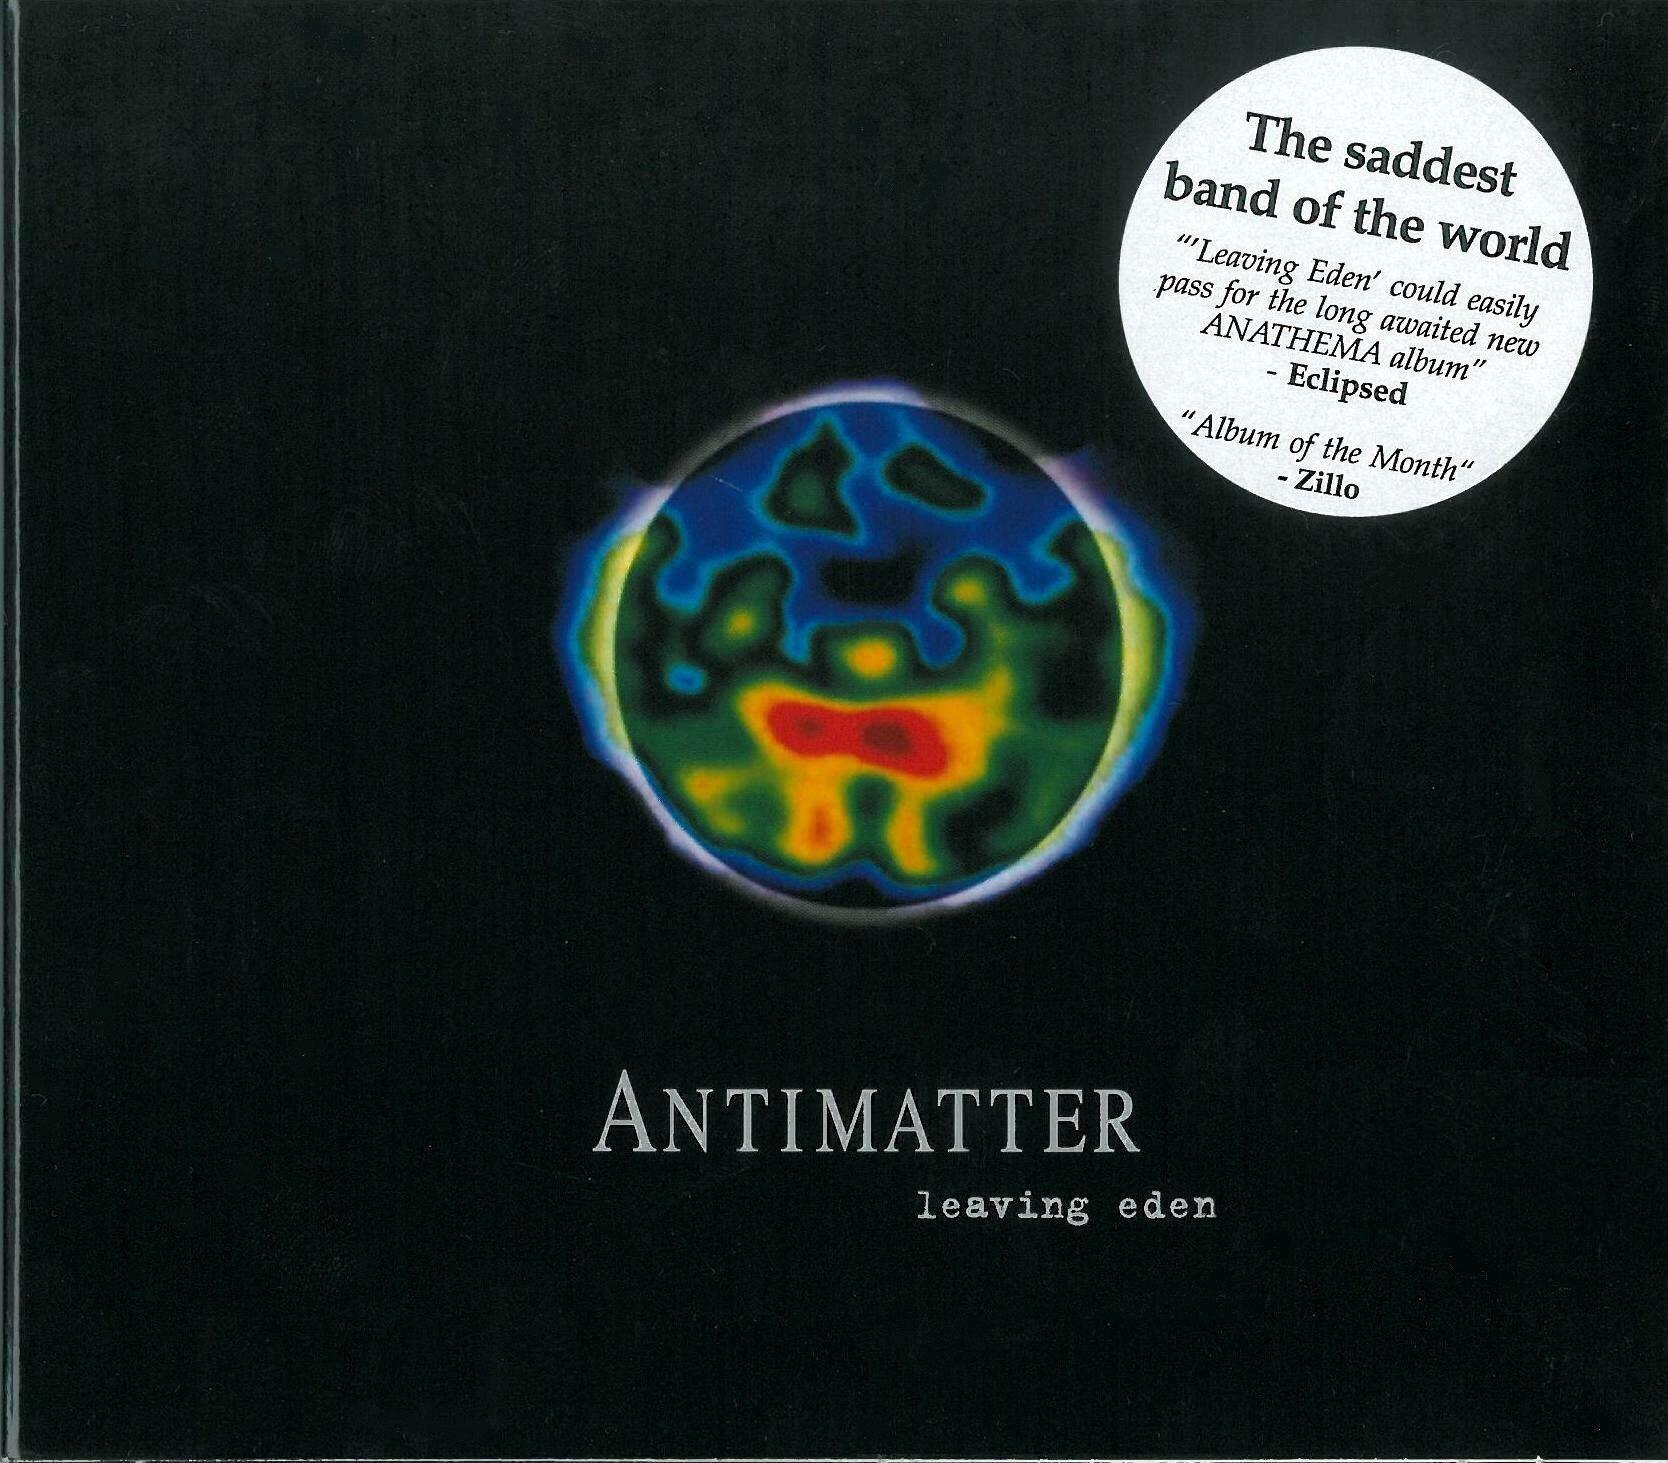 antimatter-leaving-eden